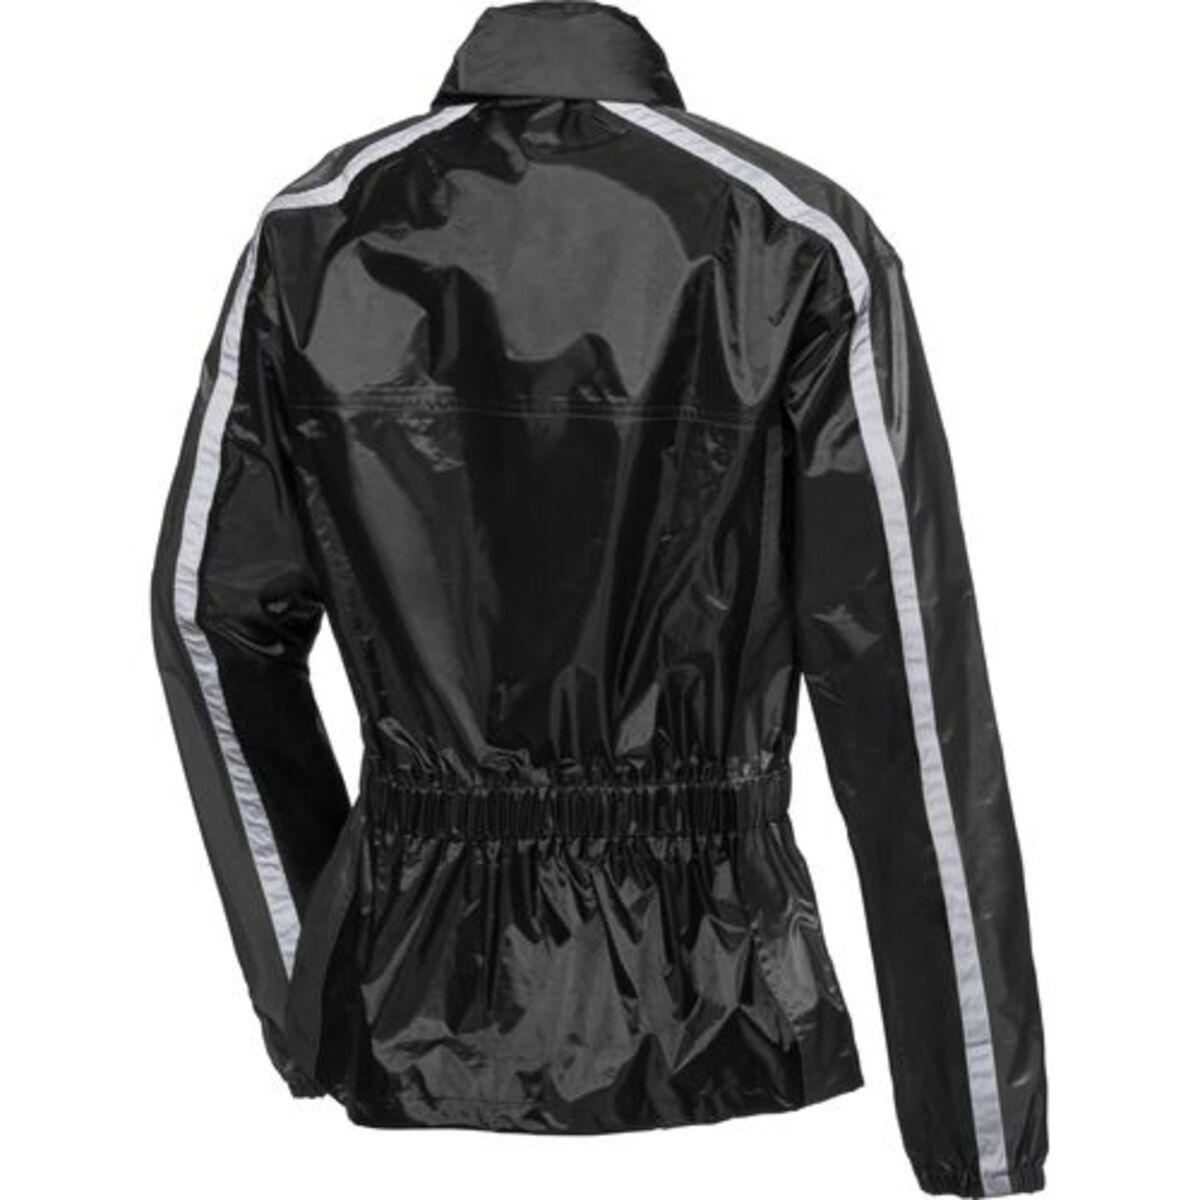 Bild 2 von Road            Textil Regenjacke 2.0 grau/schwarz